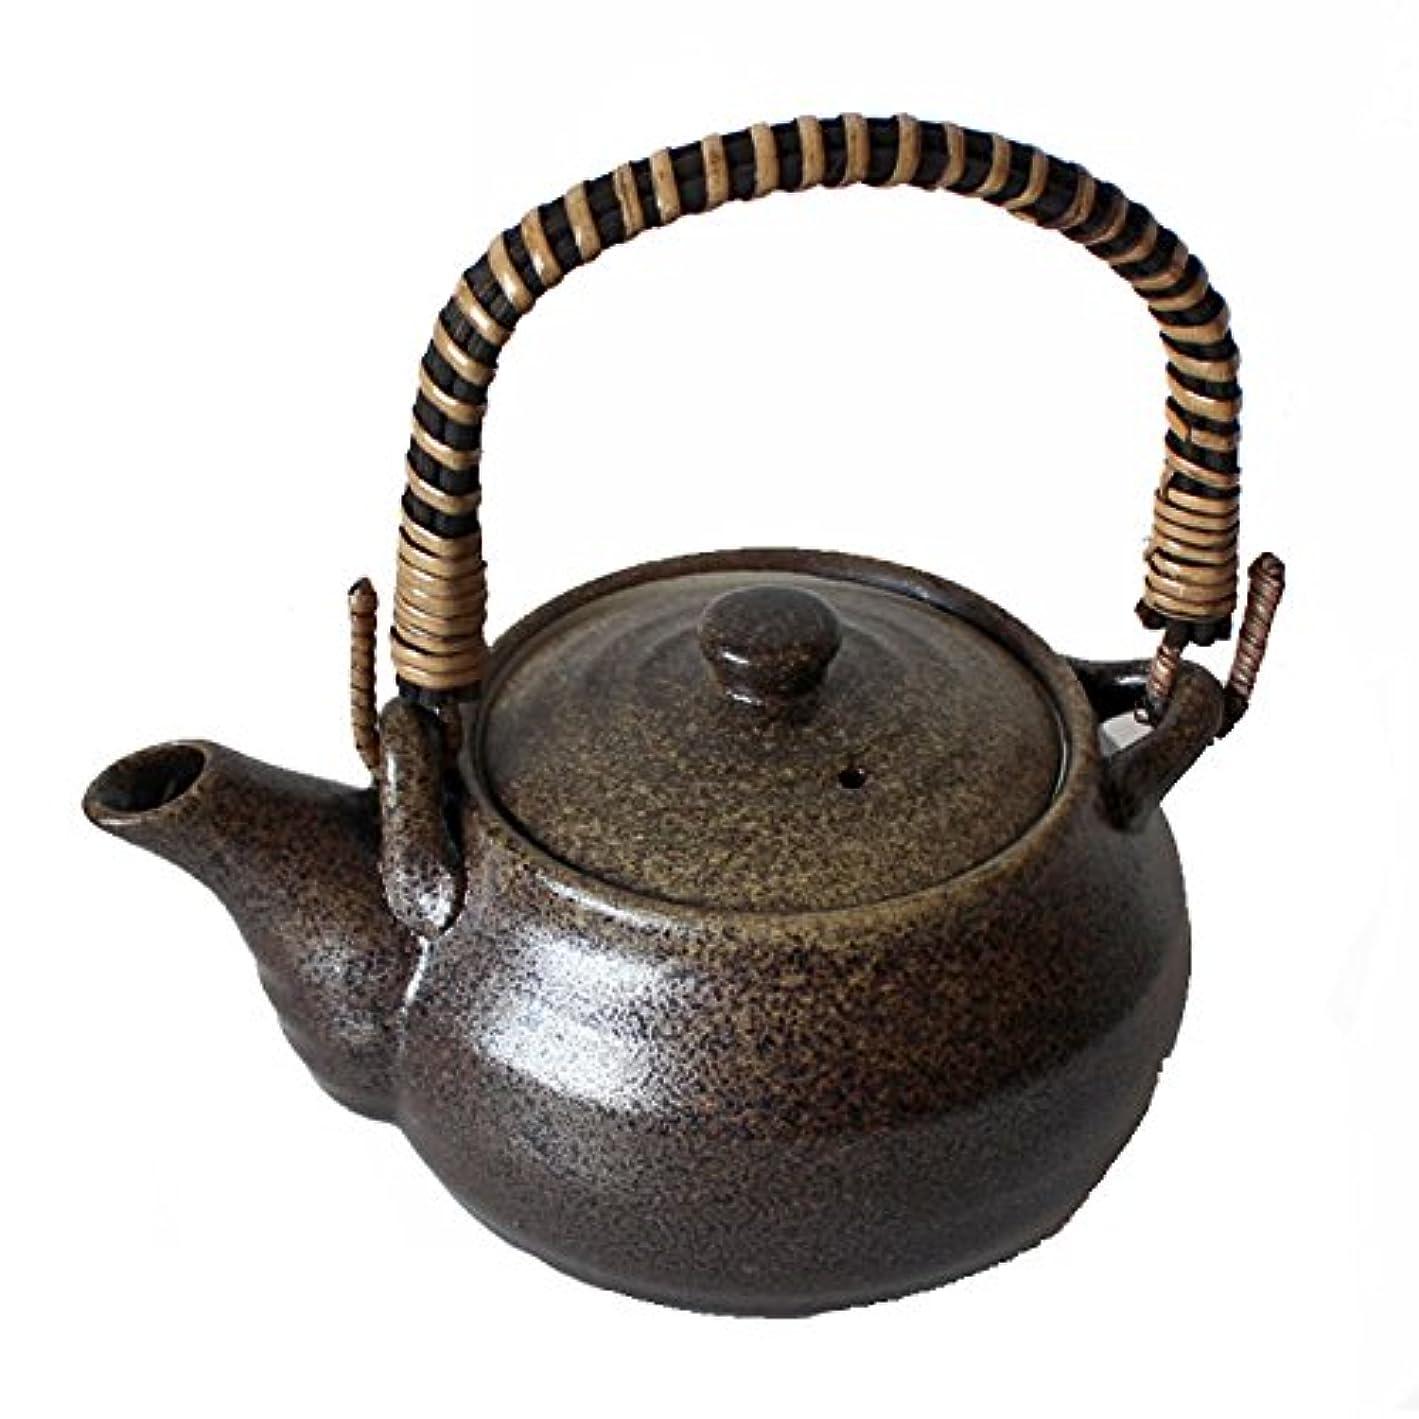 請求可能努力順応性土瓶 8号 1500cc 三色ライン 十草 大 大きい 急須 茶こし付 業務用 陶器 食器 法事 来客用 おしゃれ つる付 ラッピング不可